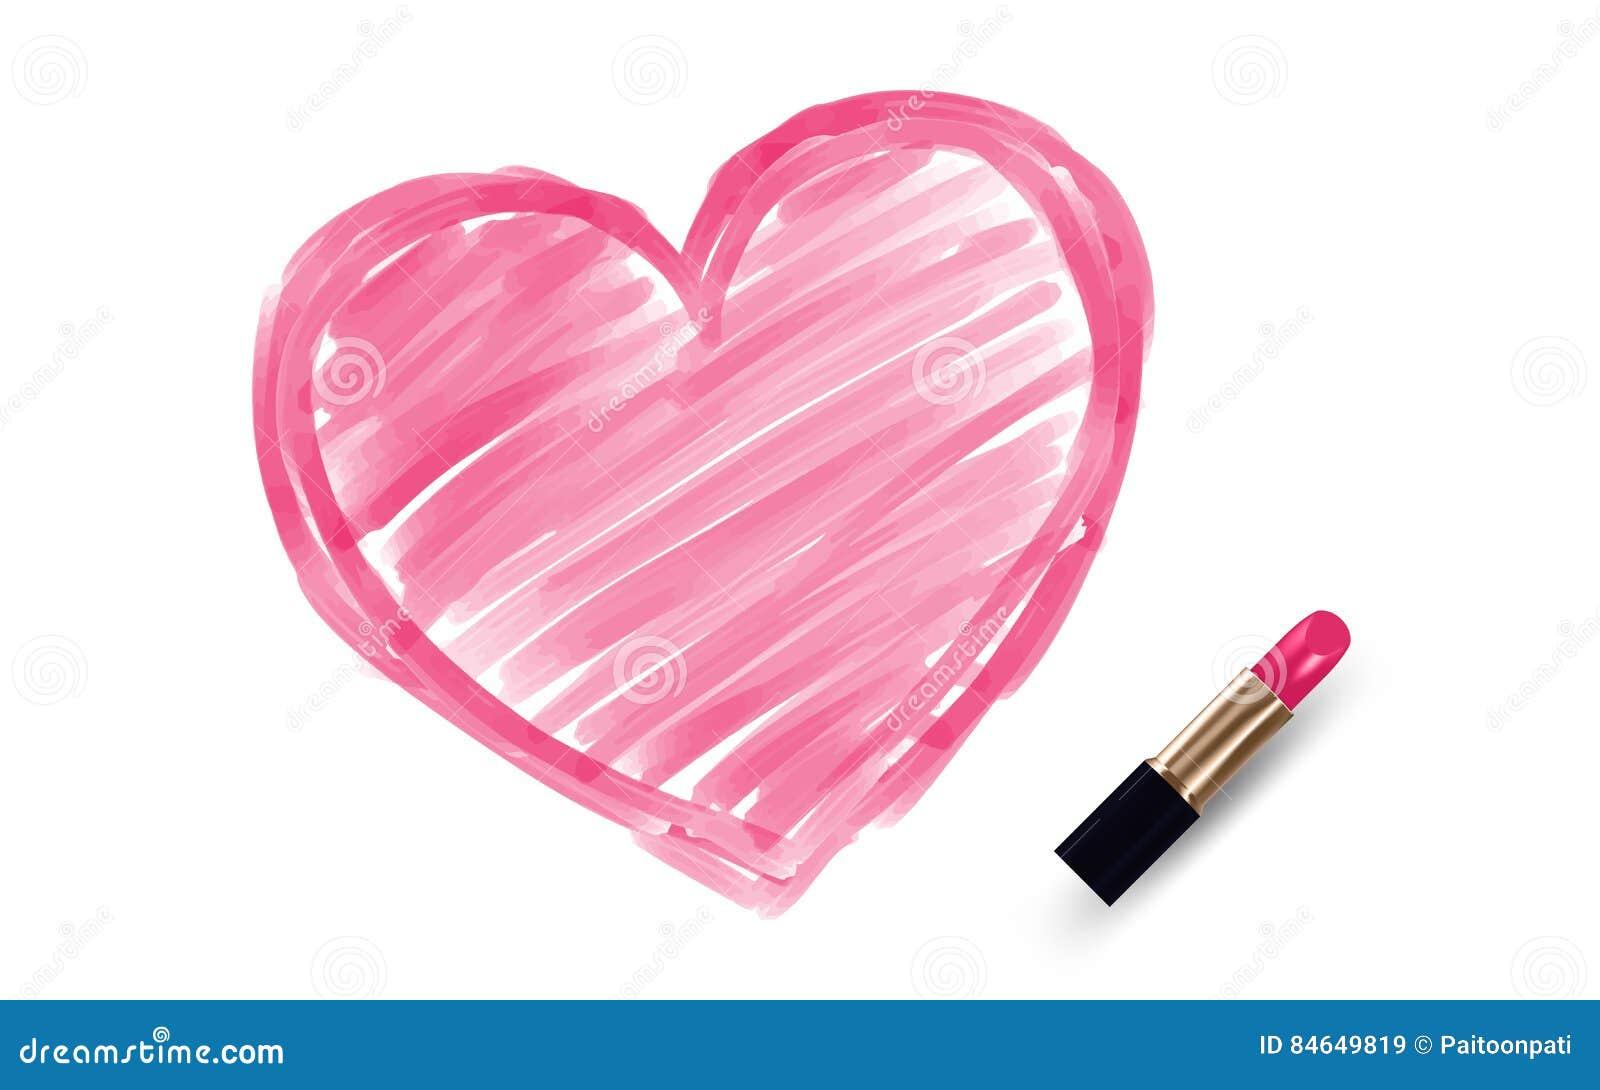 Dibujo Del Corazón Por Color Del Rosa Del Lápiz Labial Ilustración